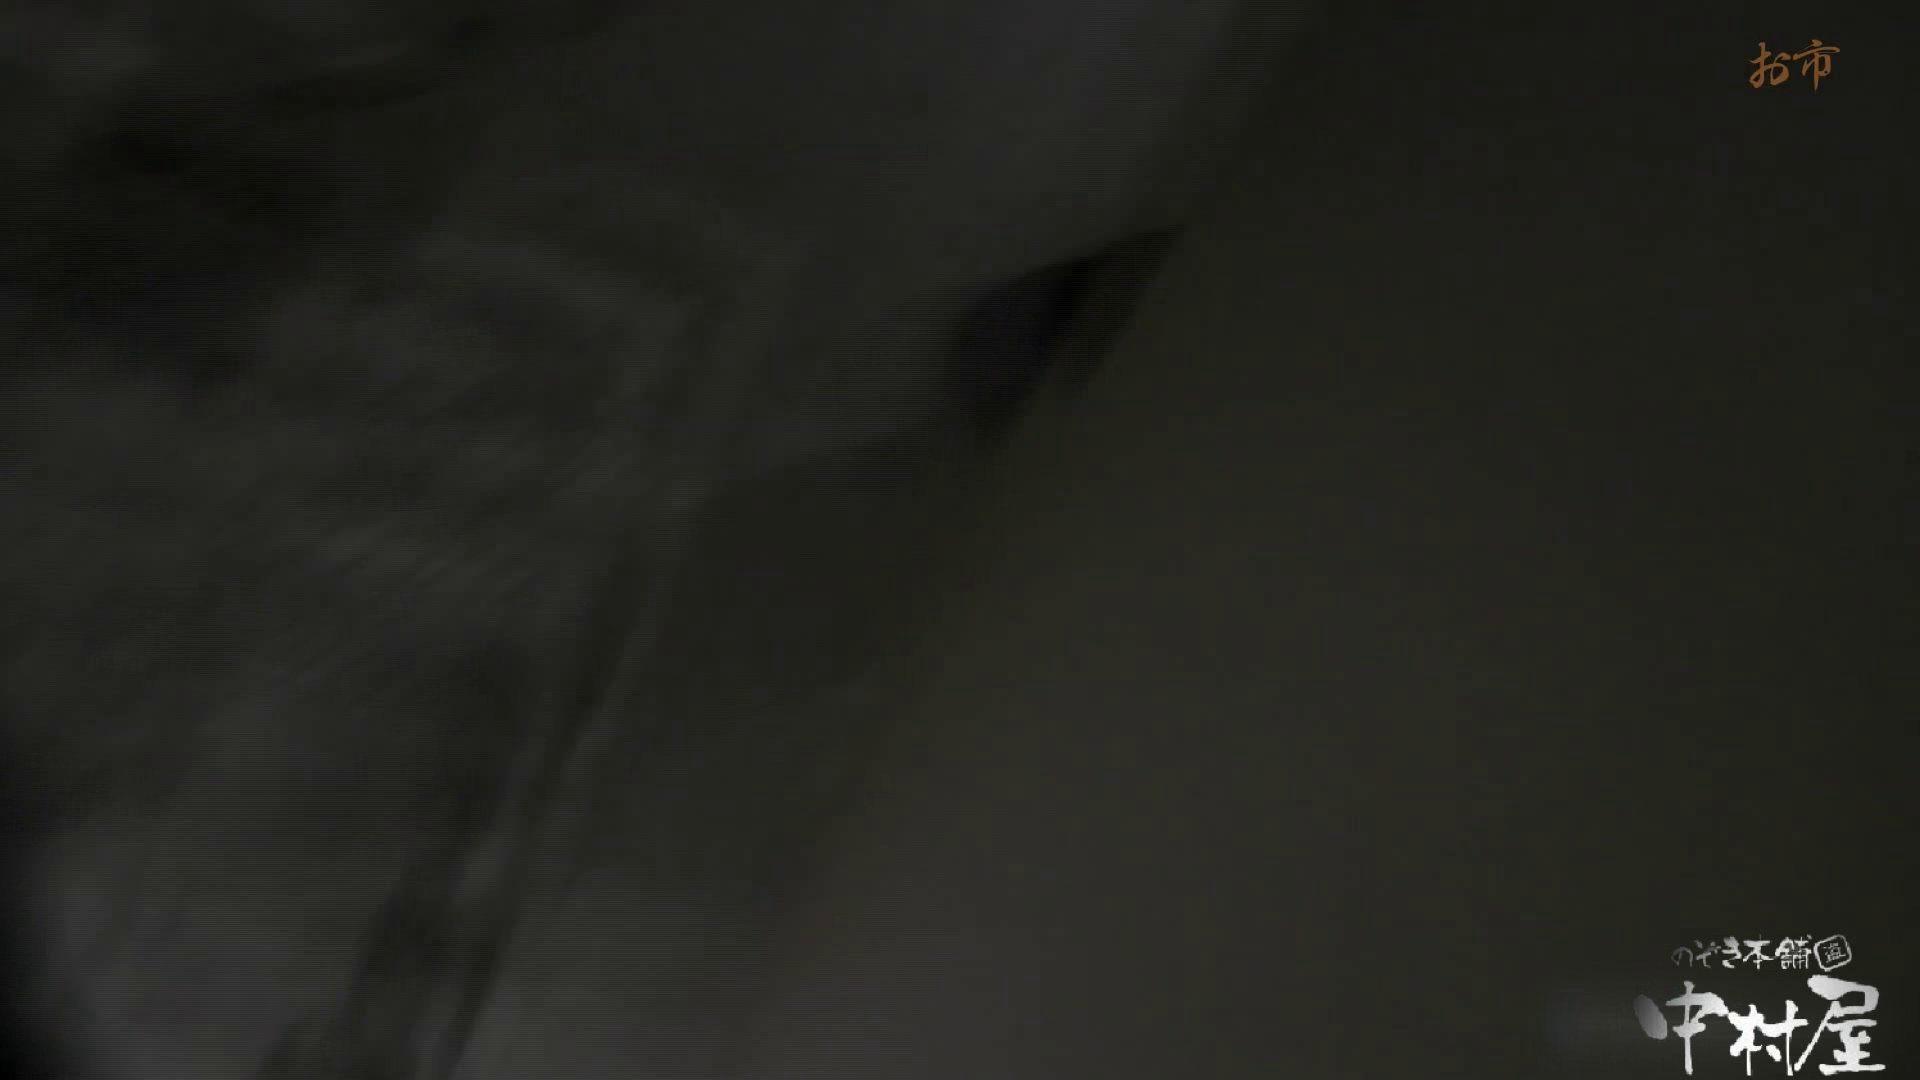 お市さんの「お尻丸出しジャンボリー」No.15 黒人 おめこ無修正動画無料 99pic 76